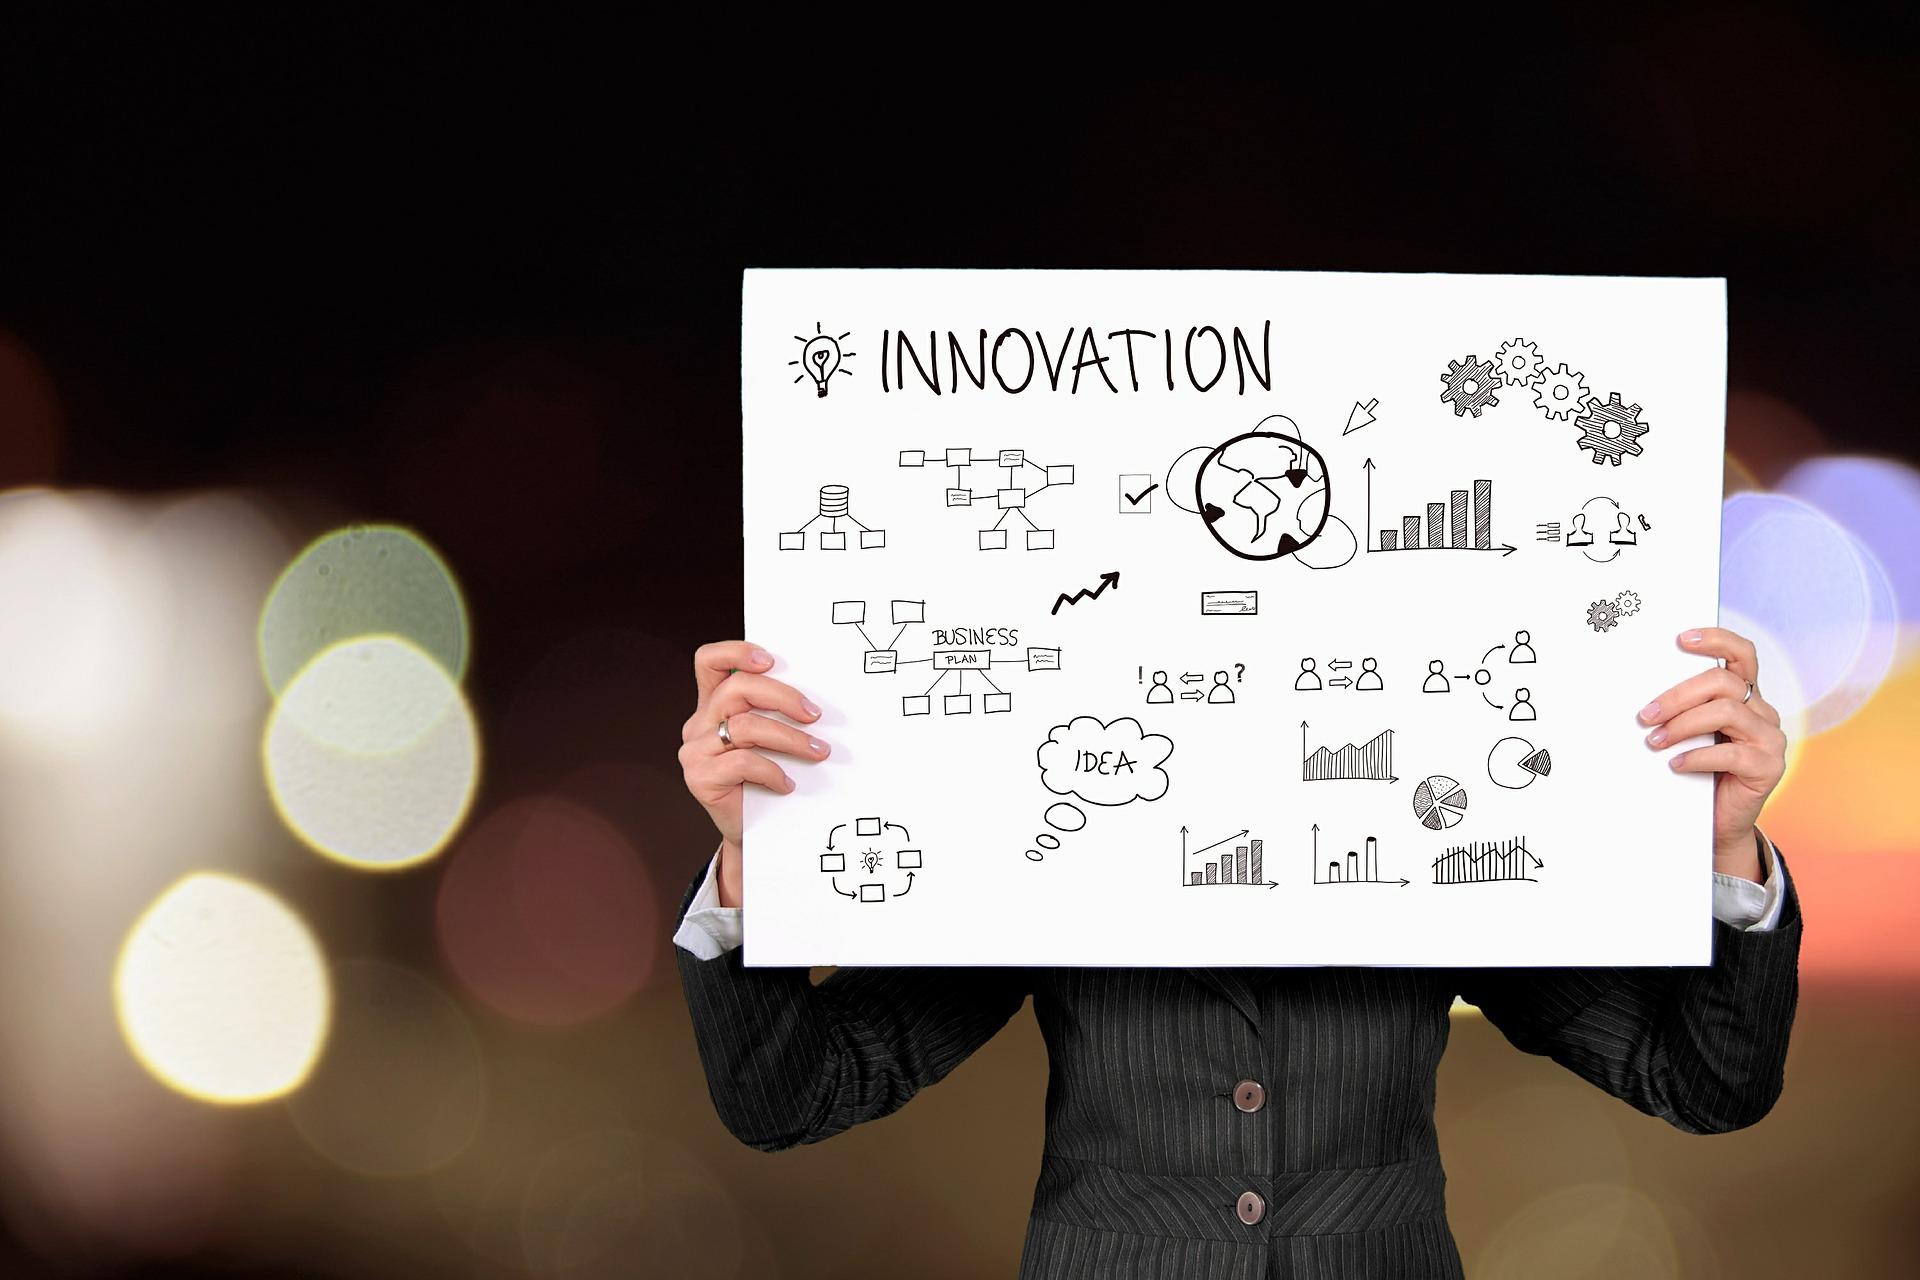 Ideias criativas para ganhar dinheiro em 2017